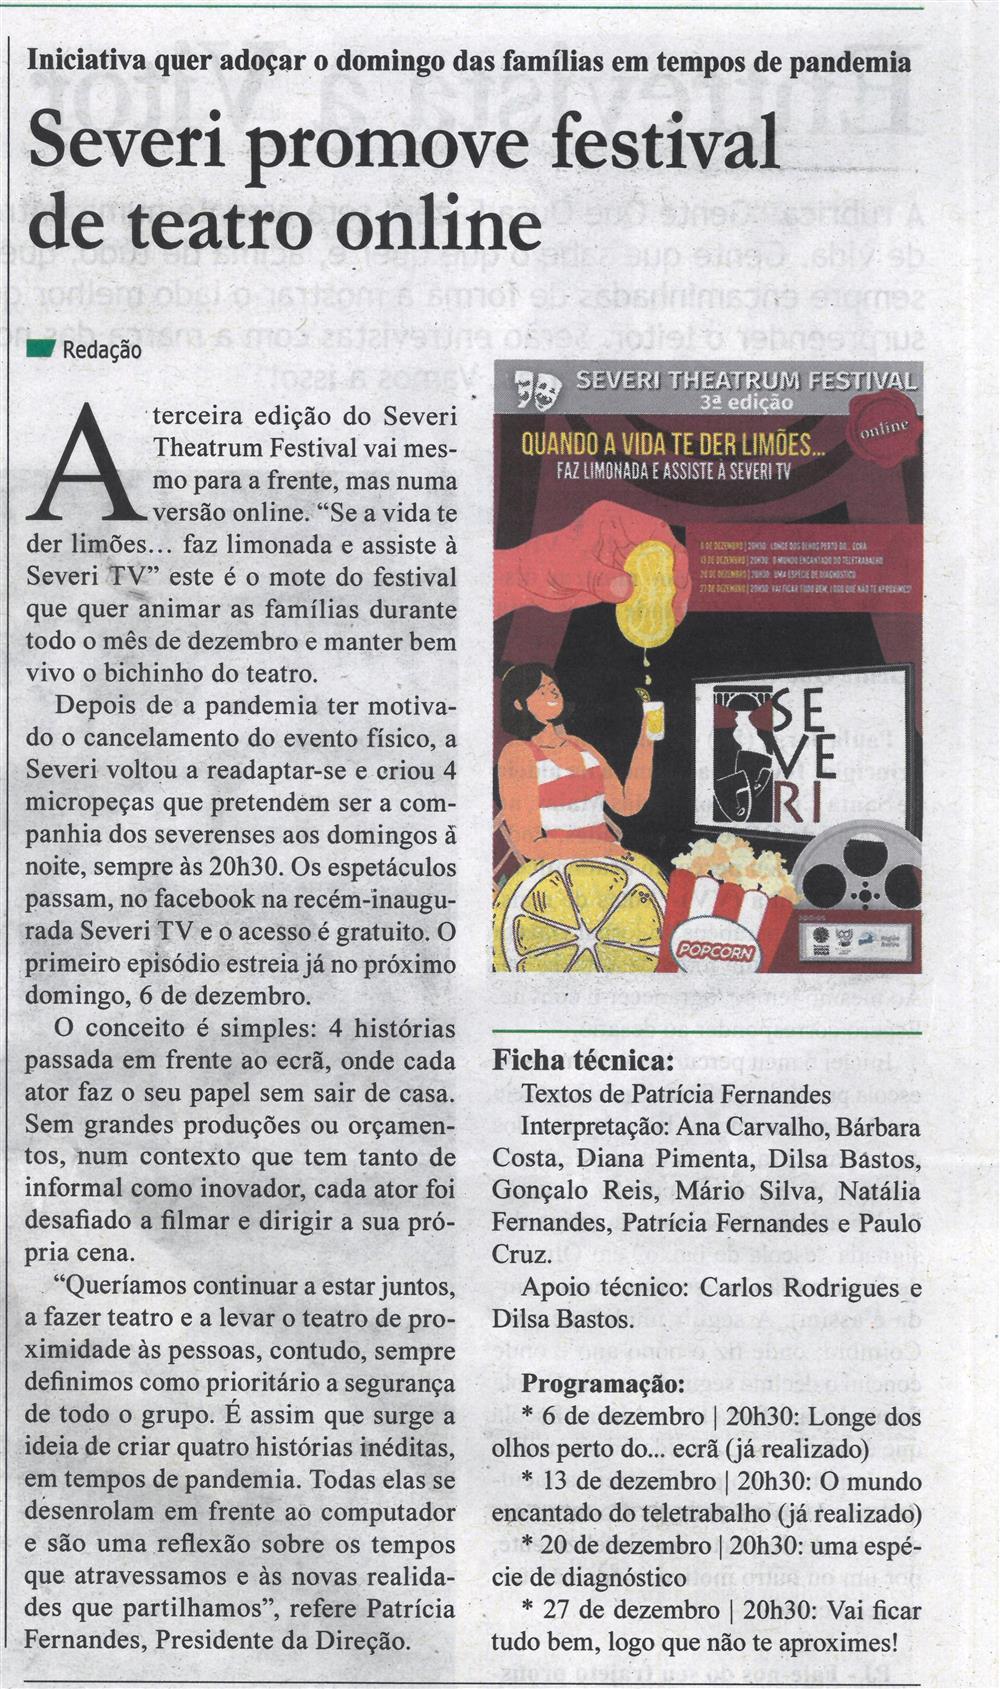 GB-17dez.'20-p.11-Severi promove festival de teatro online : iniciativa quer adoçar o domingo das famílias em tempos de pandemia.jpg